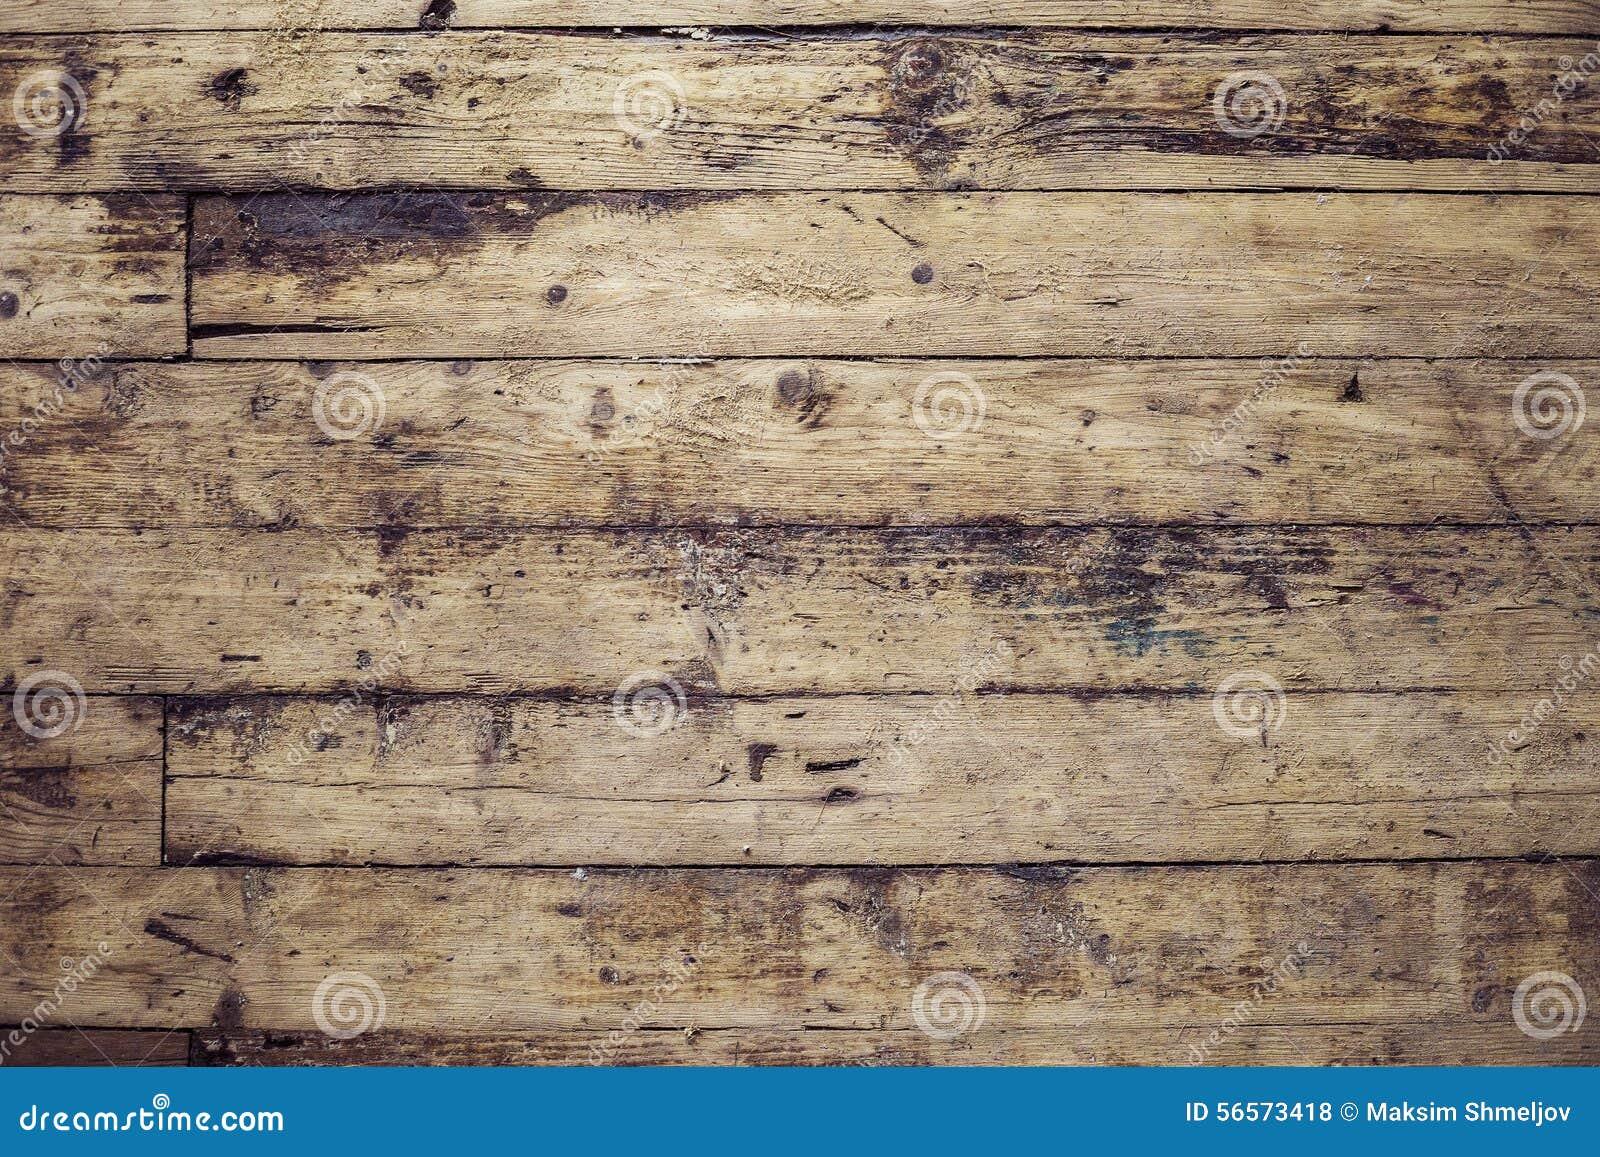 vieux et minable plancher texture en bois de planches photo stock image du configuration. Black Bedroom Furniture Sets. Home Design Ideas